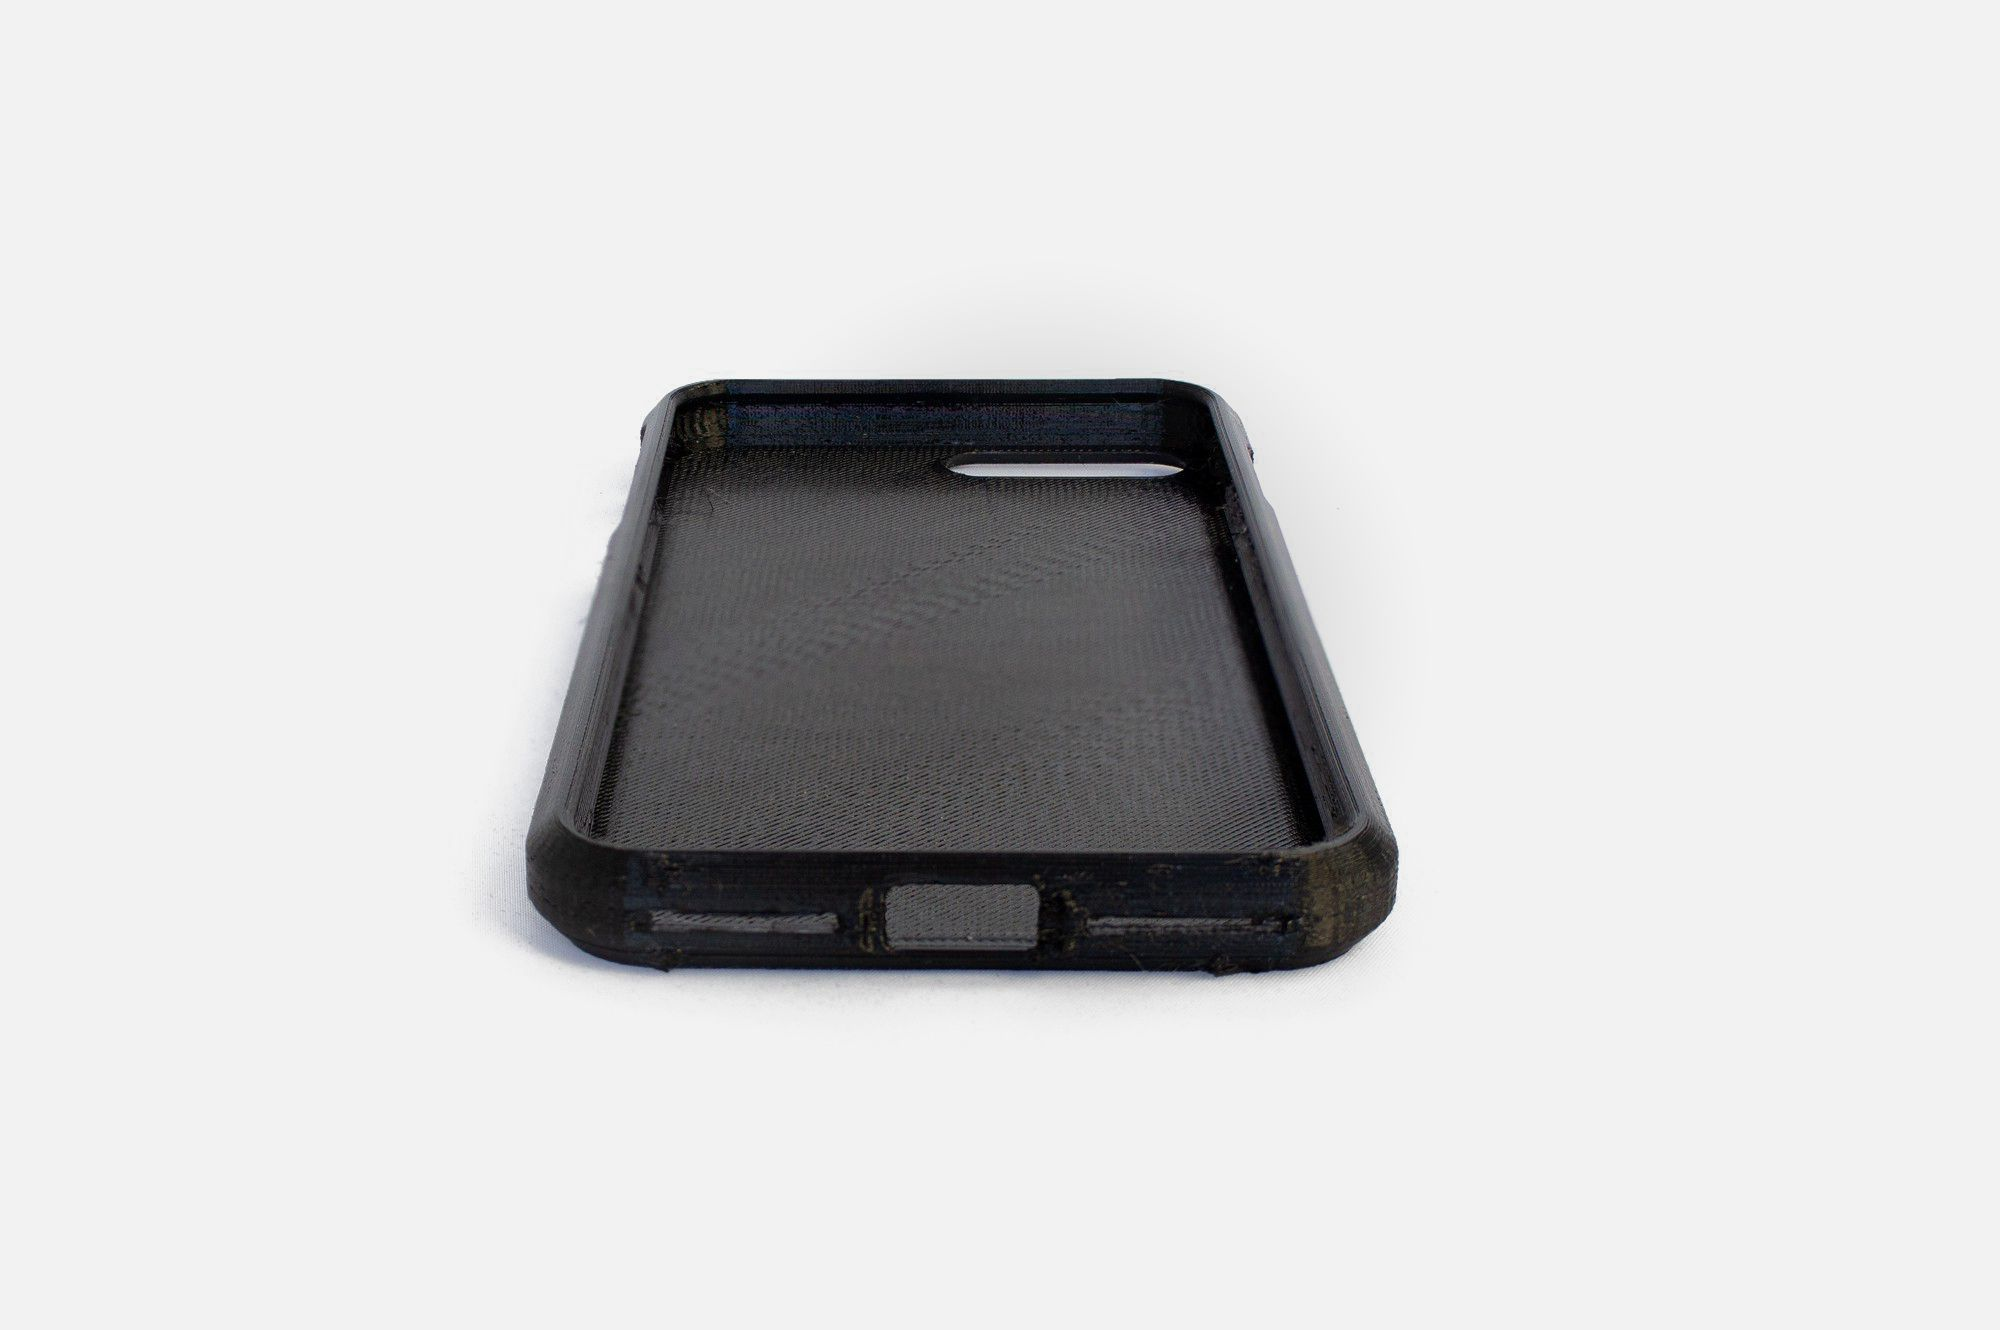 3d printed TPU Flex filament model phone case